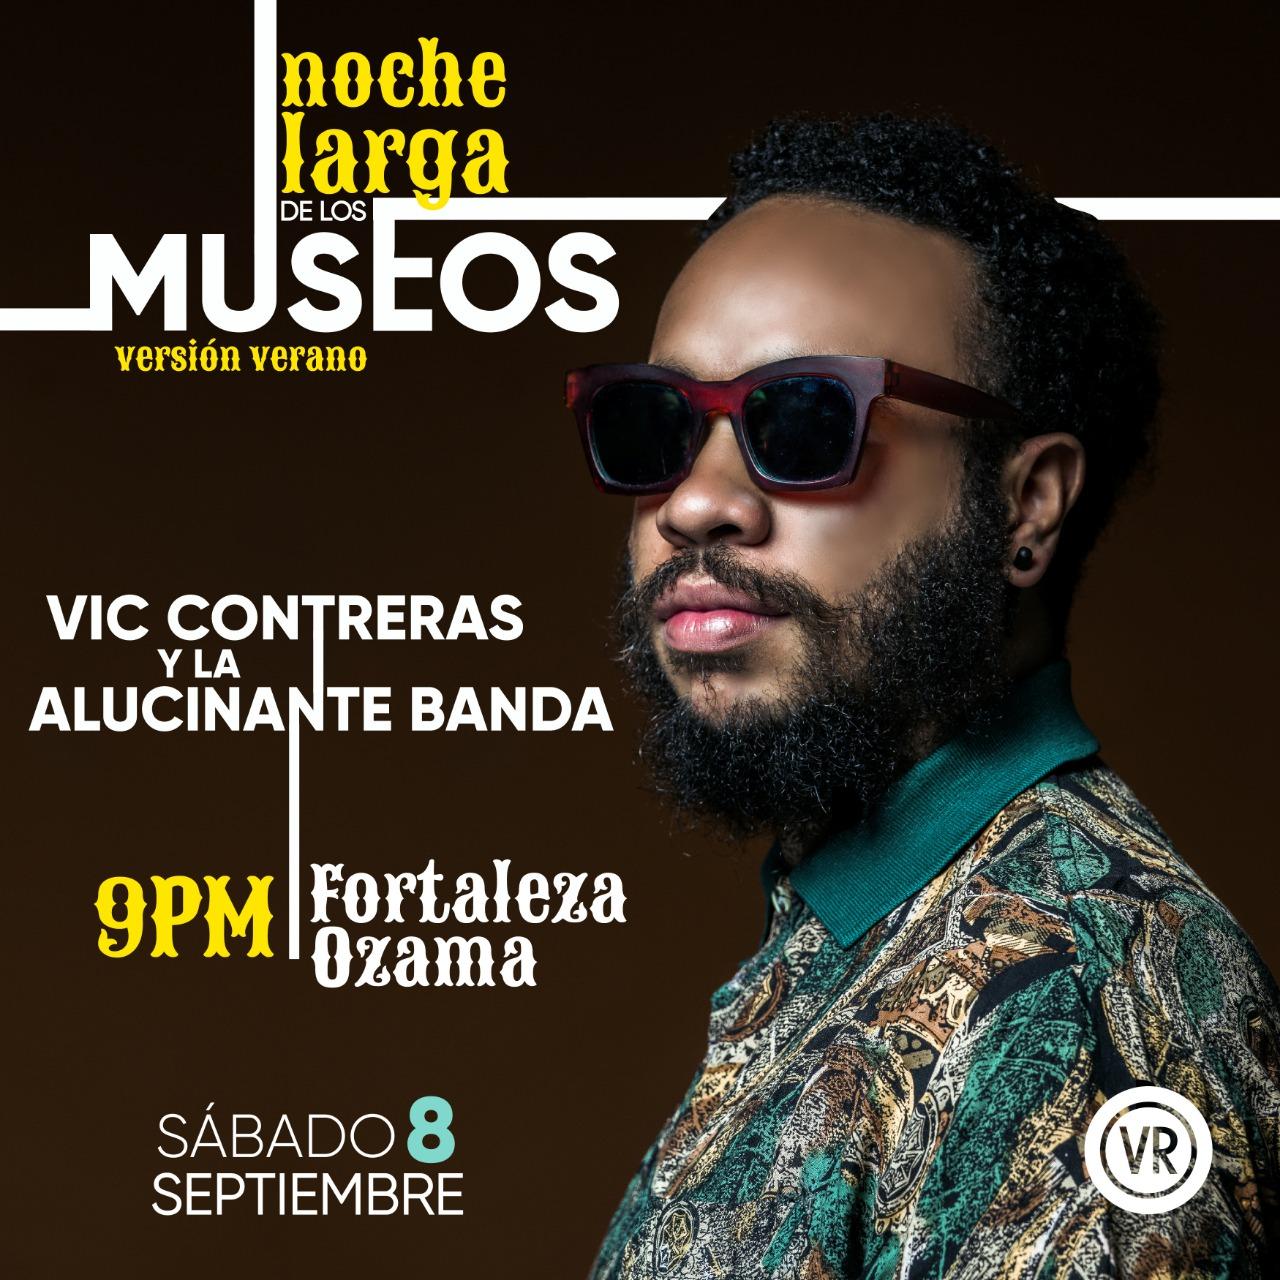 Vic Contreras & La Alucinante Banda, Noche Larga de los Museos Edición Verano